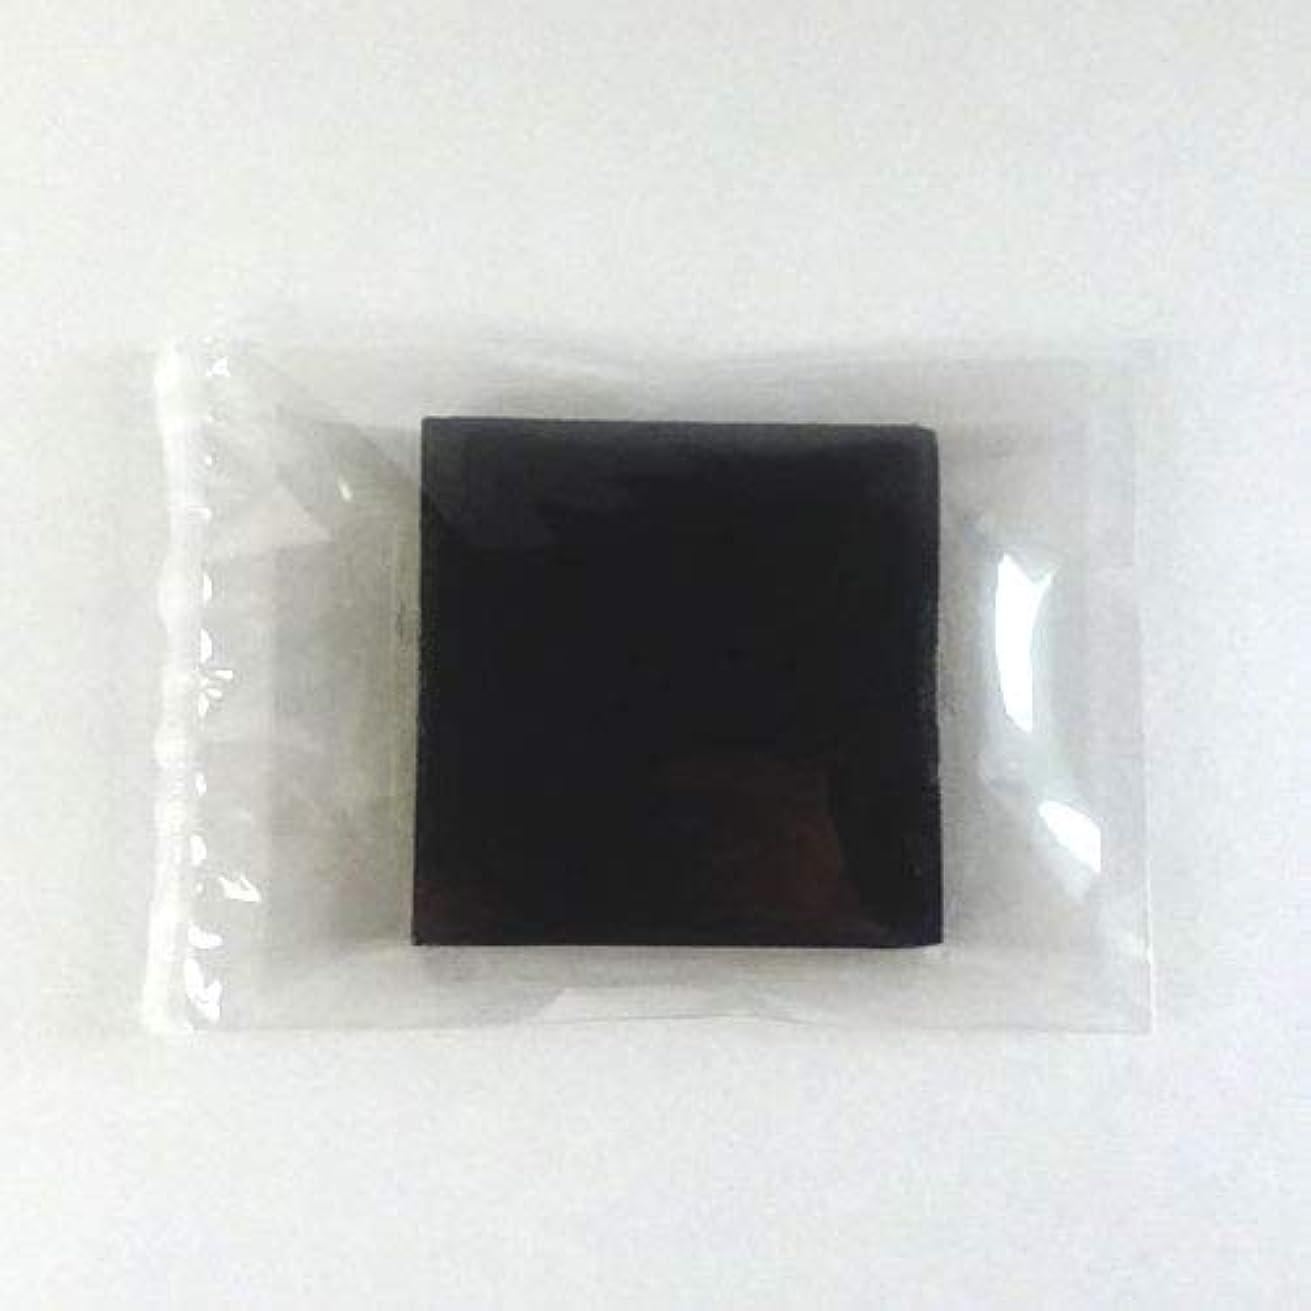 オンスとんでもないウイルスグリセリンソープ MPソープ 色チップ 黒(ブラック) 120g(30g x 4pc)